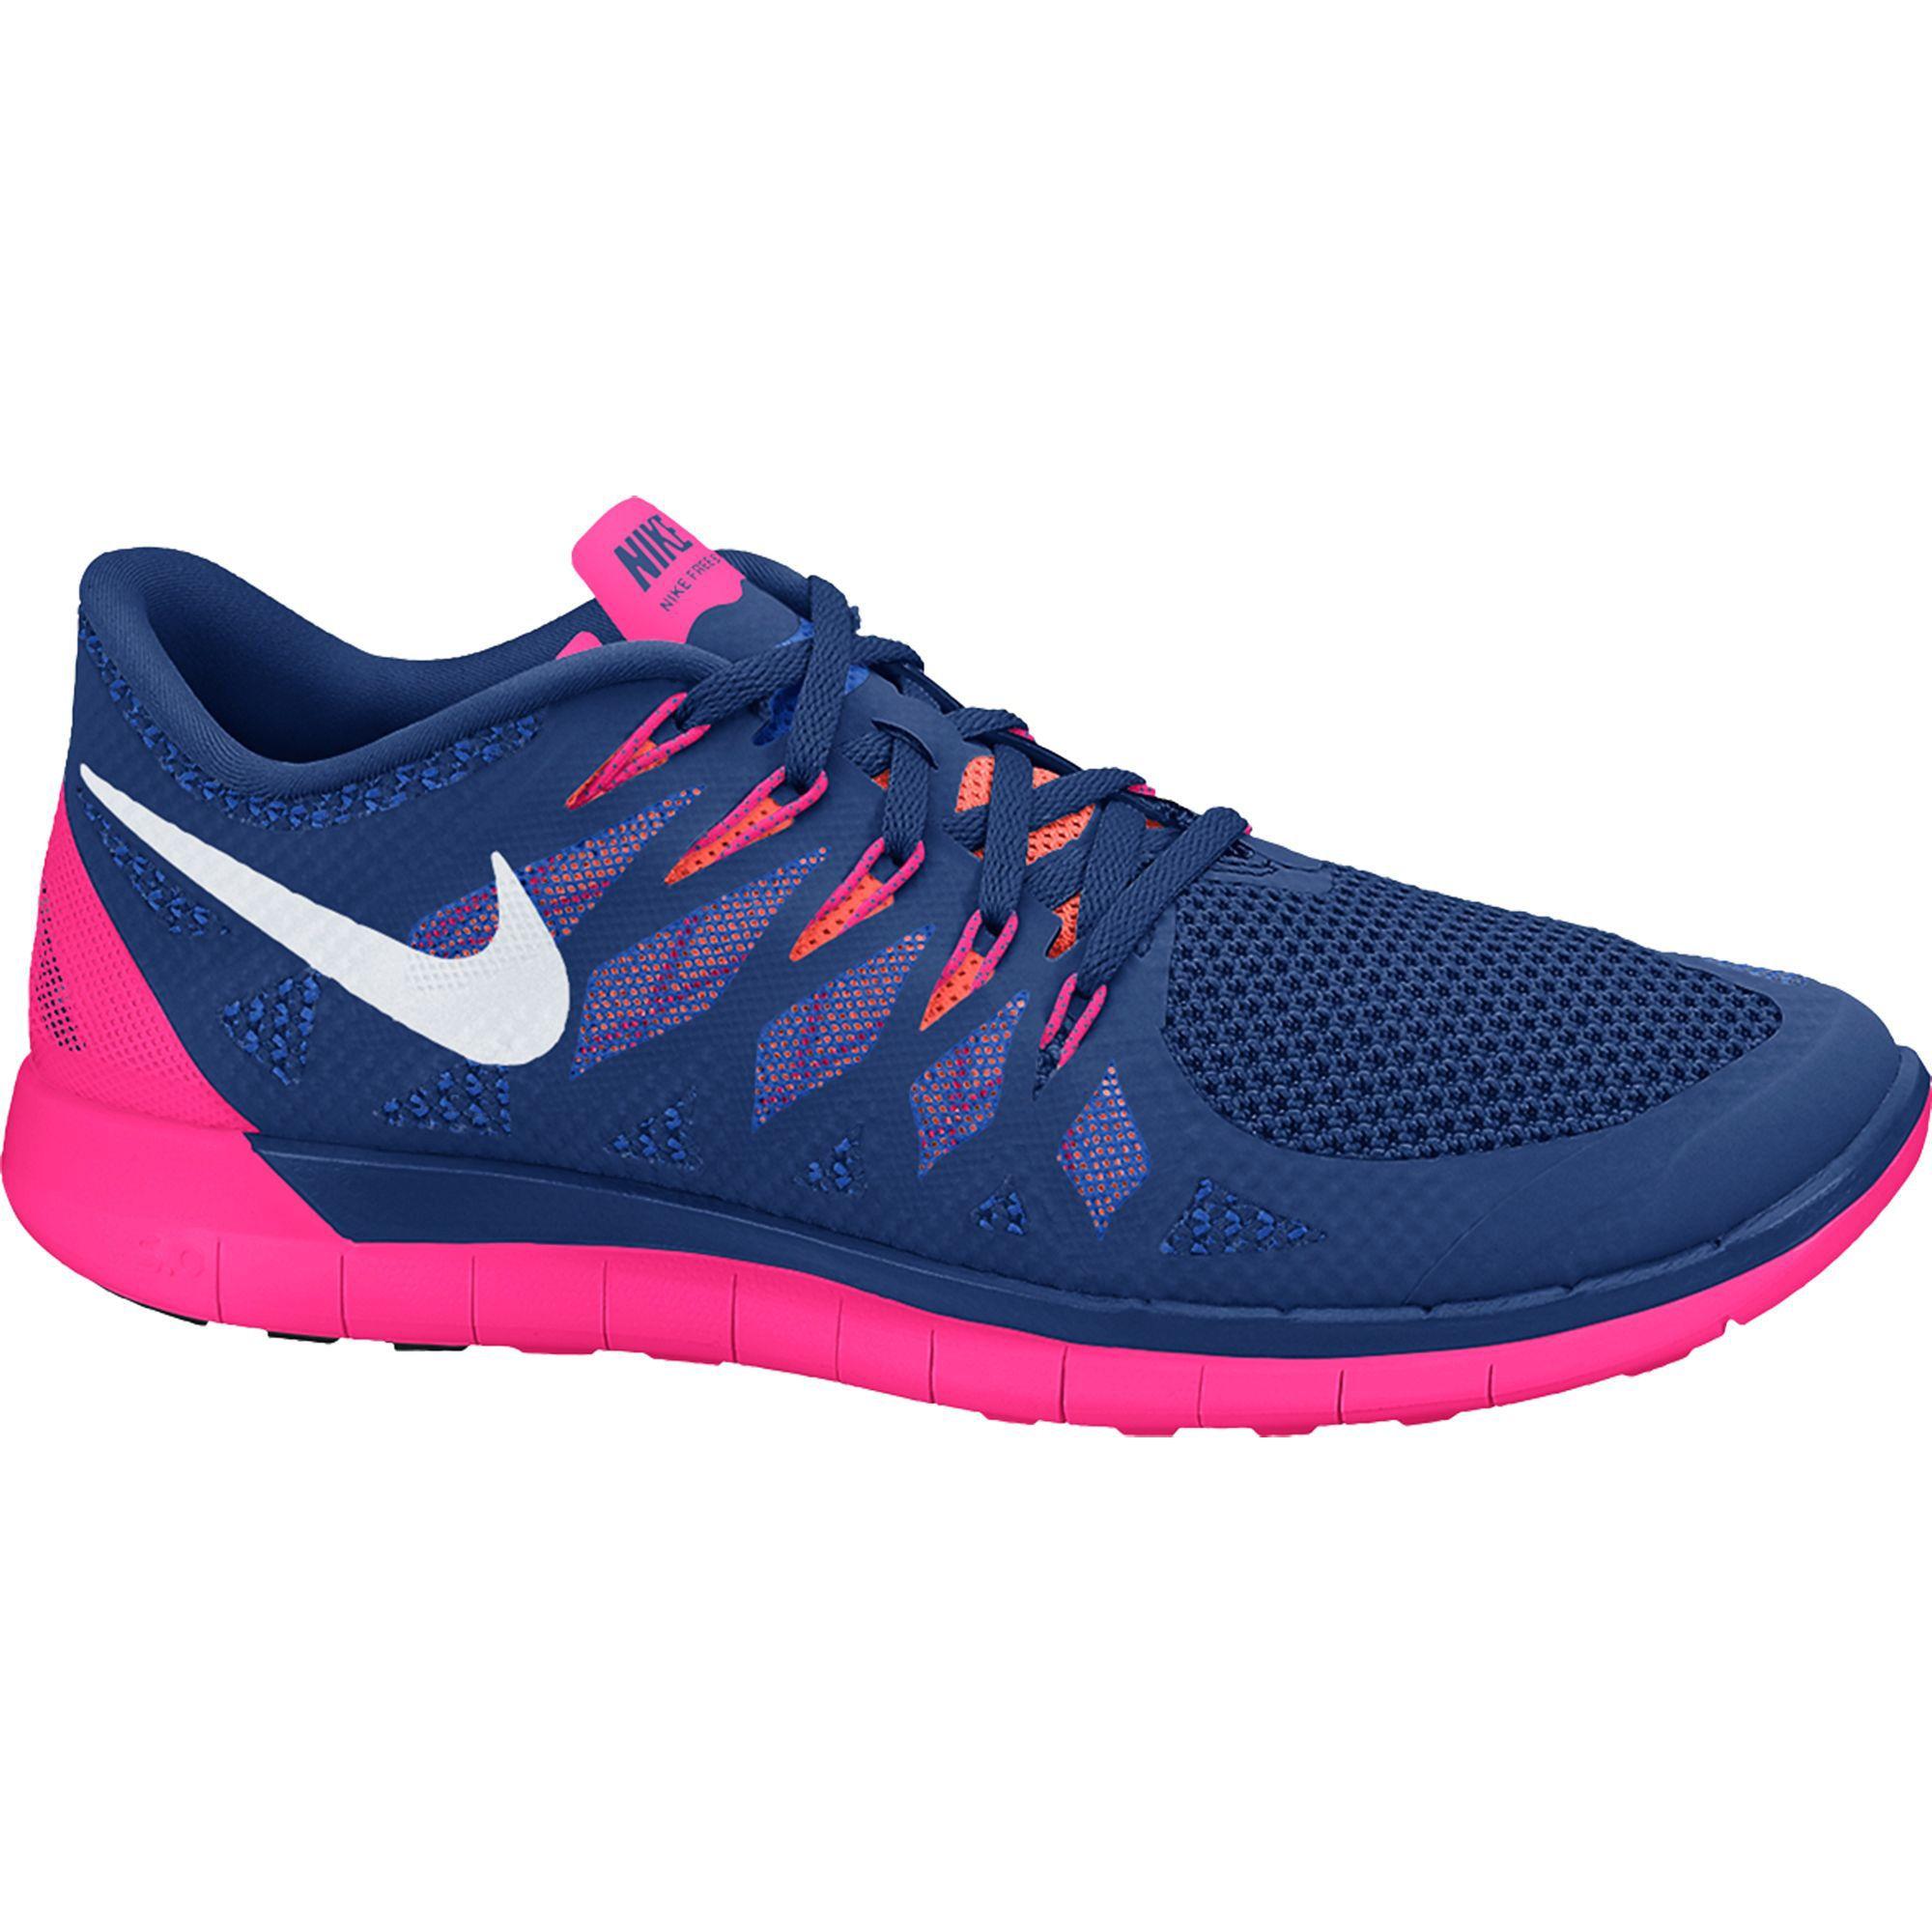 Nike Women's Free 5.0 Shoes - FA14 | Training Running Shoes